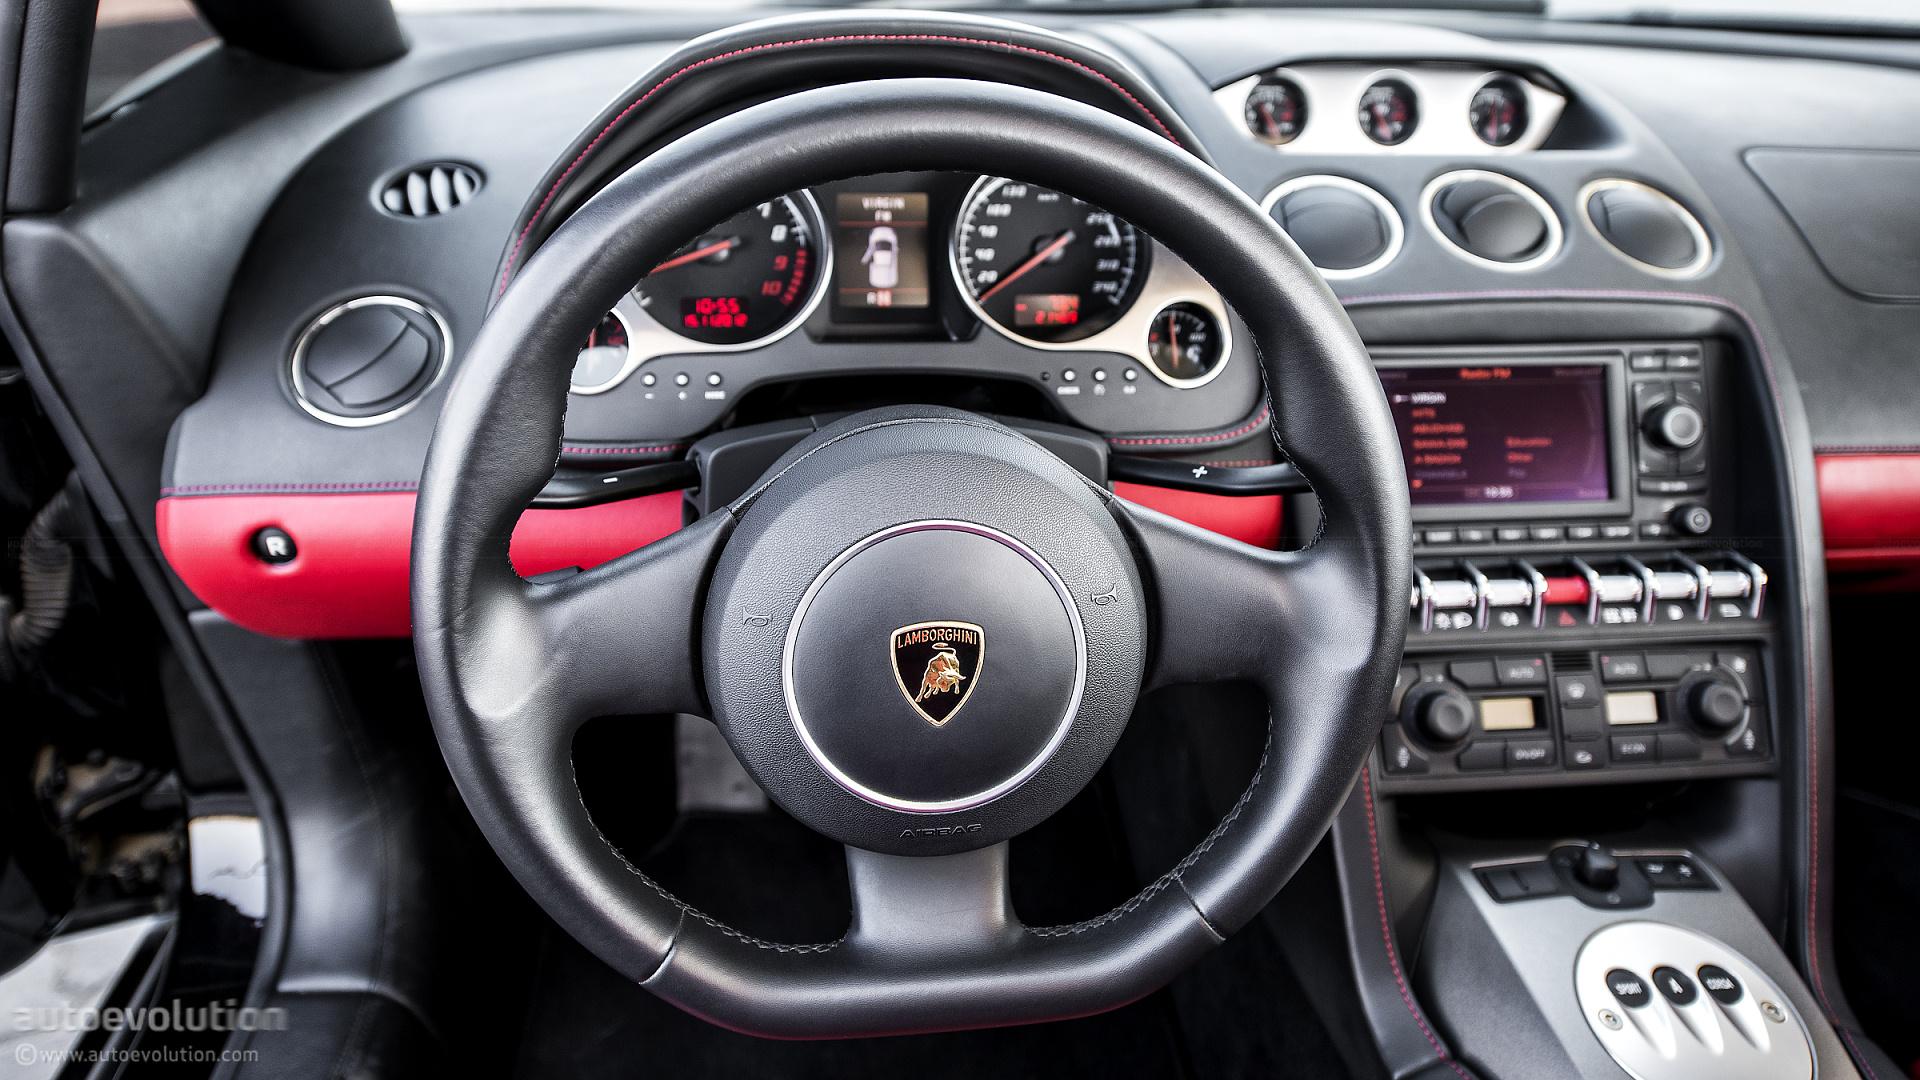 Lamborghini Gallardo Lp550 2 Spyder Review Autoevolution Fuse Box